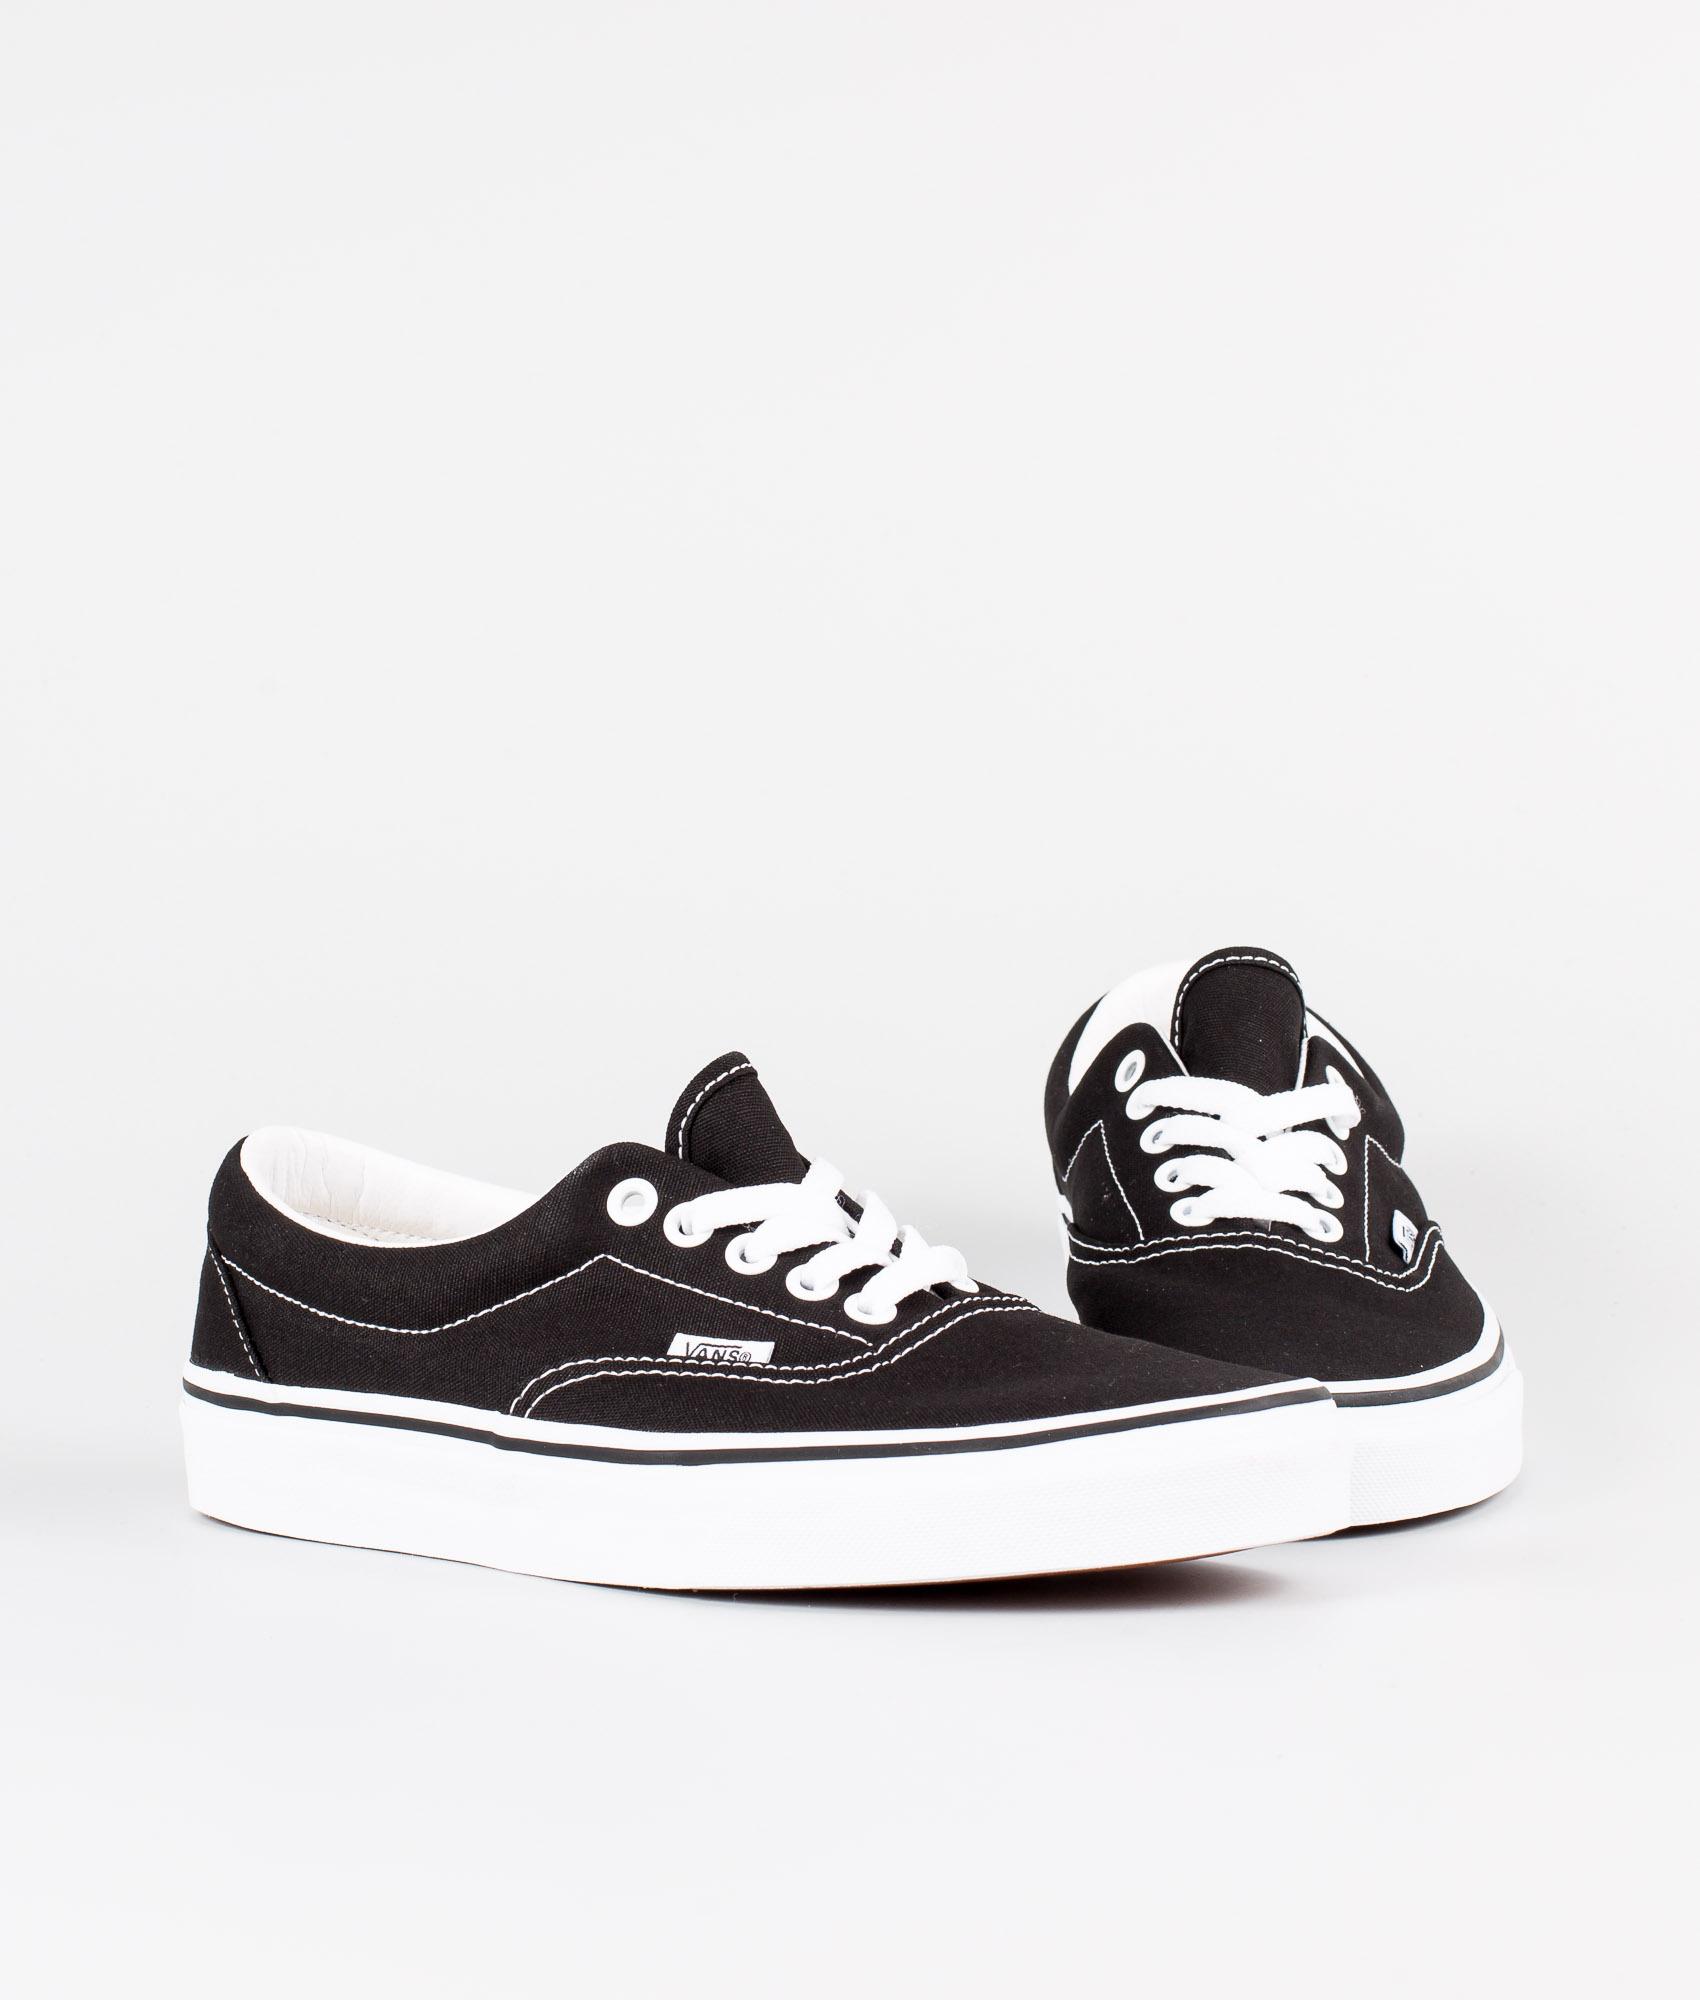 Vans Era Shoes Black - Ridestore.com